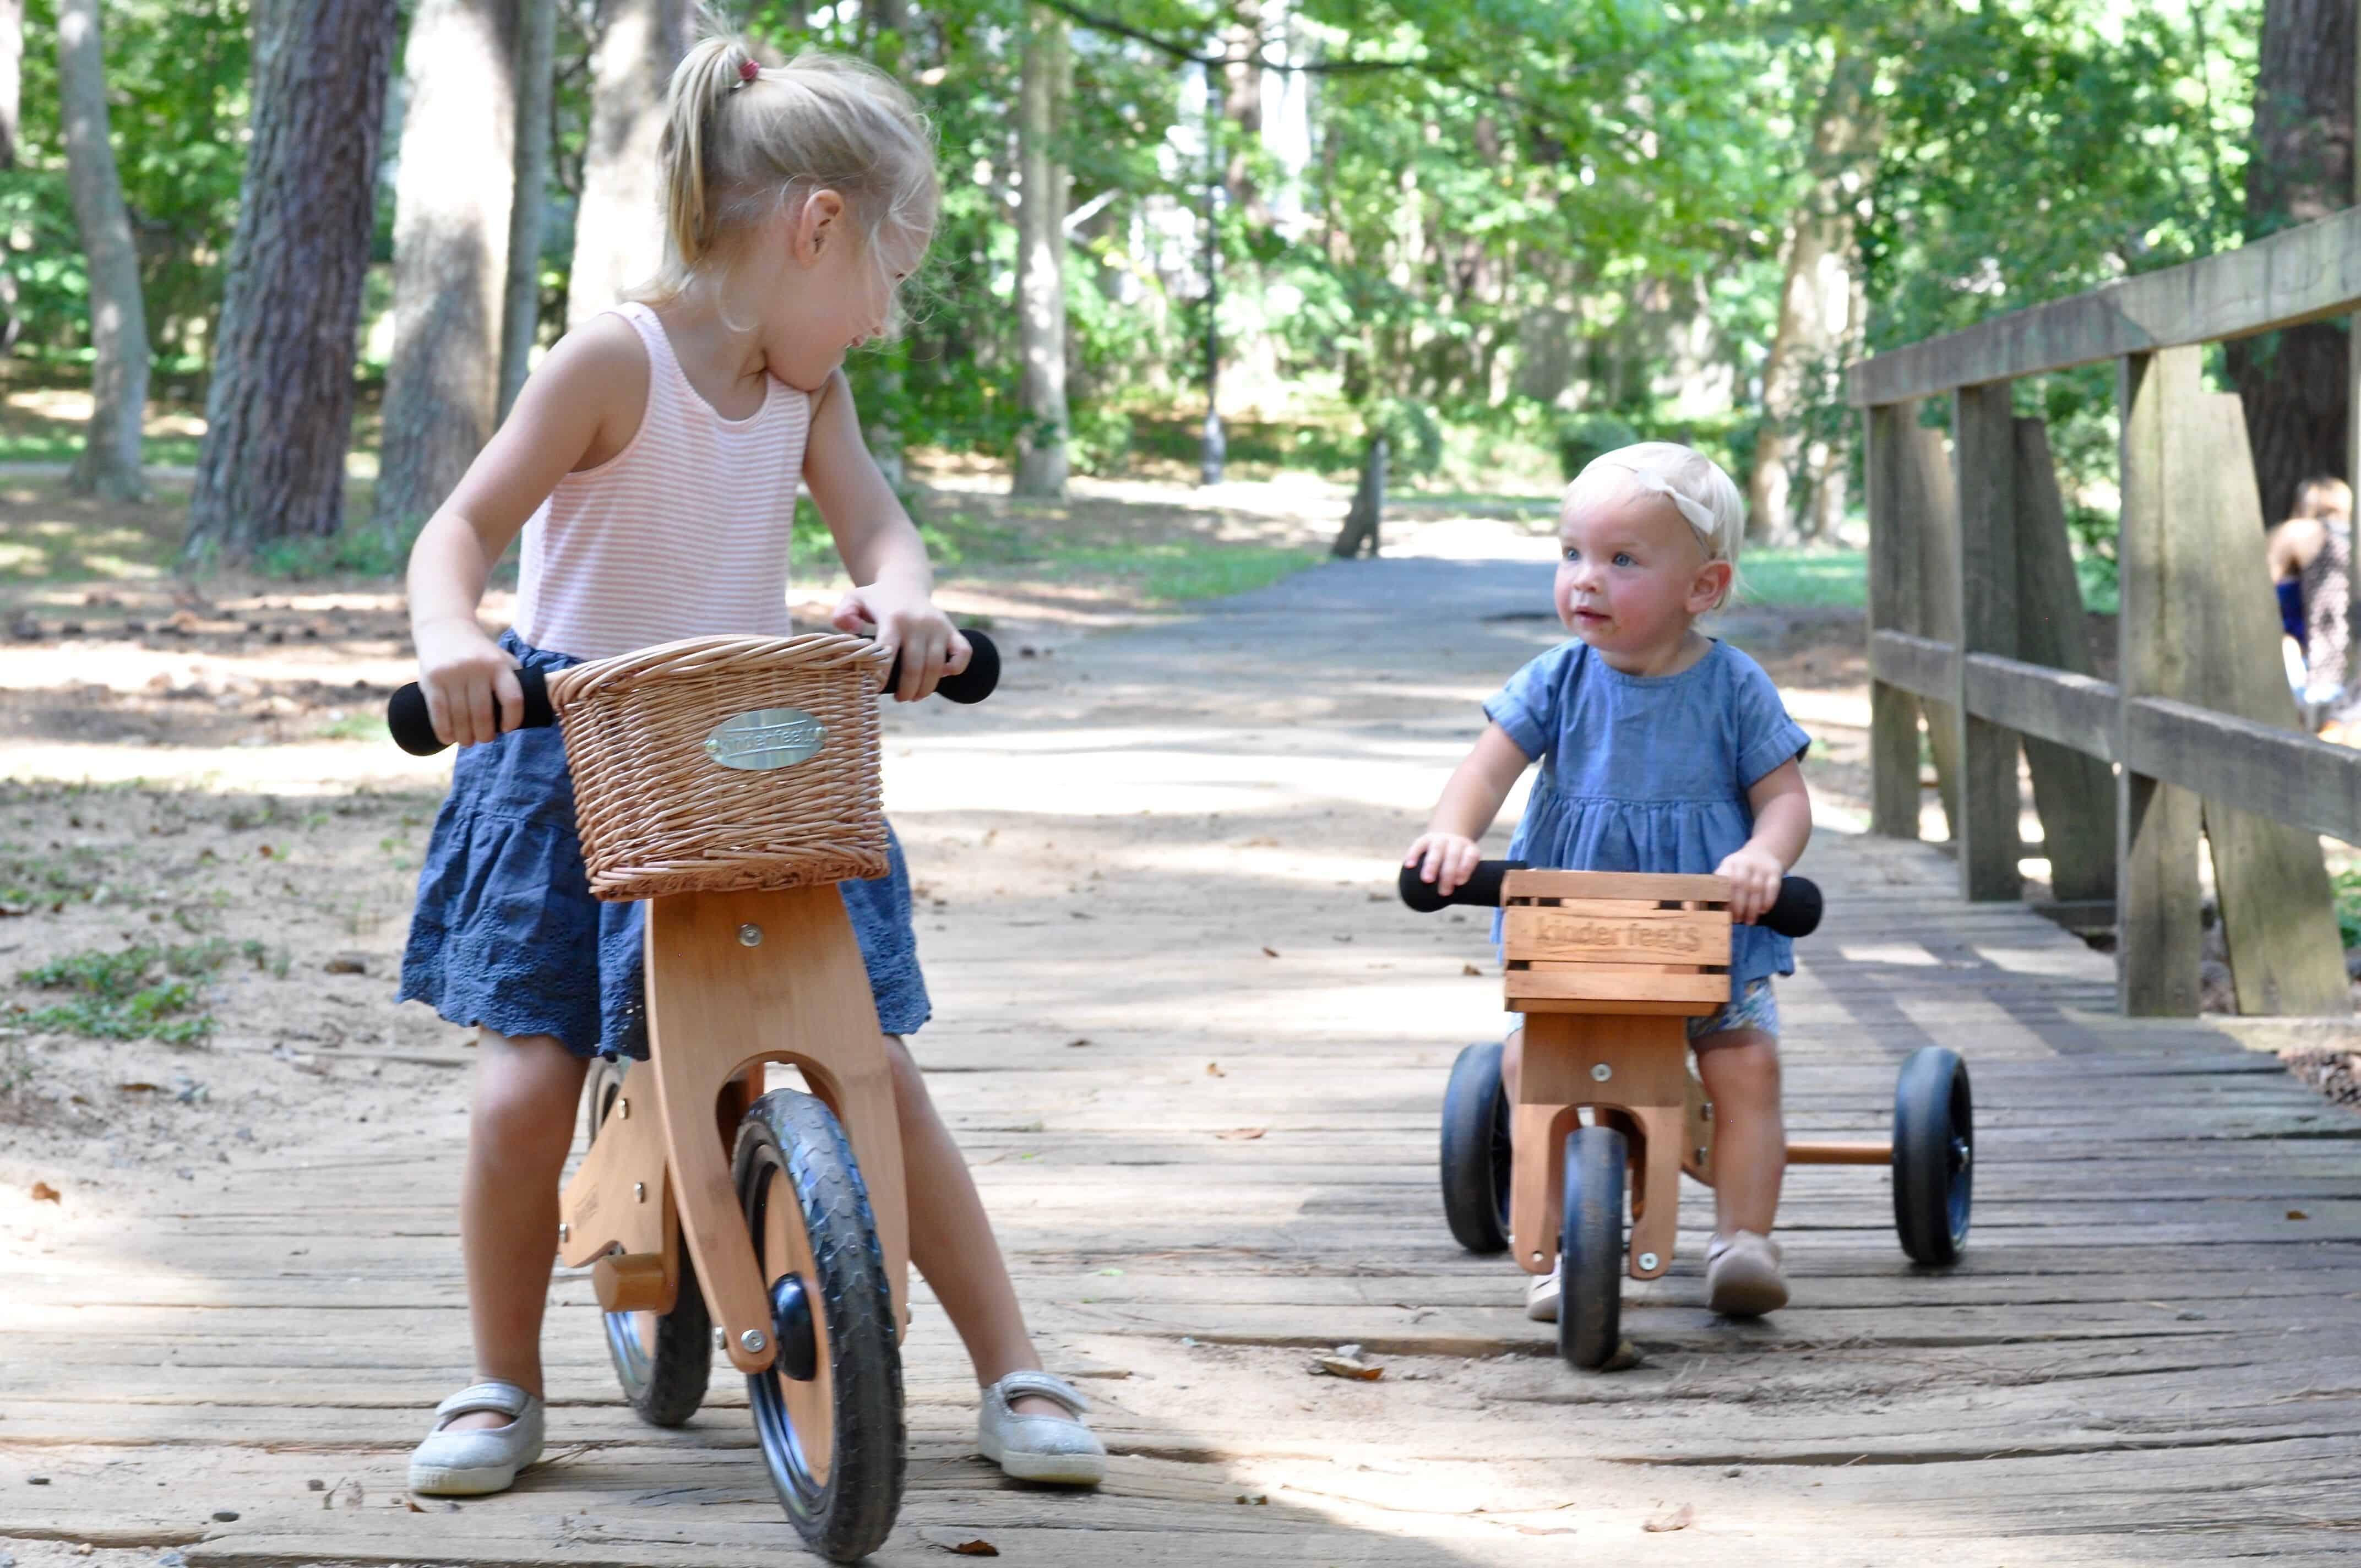 trike and bike